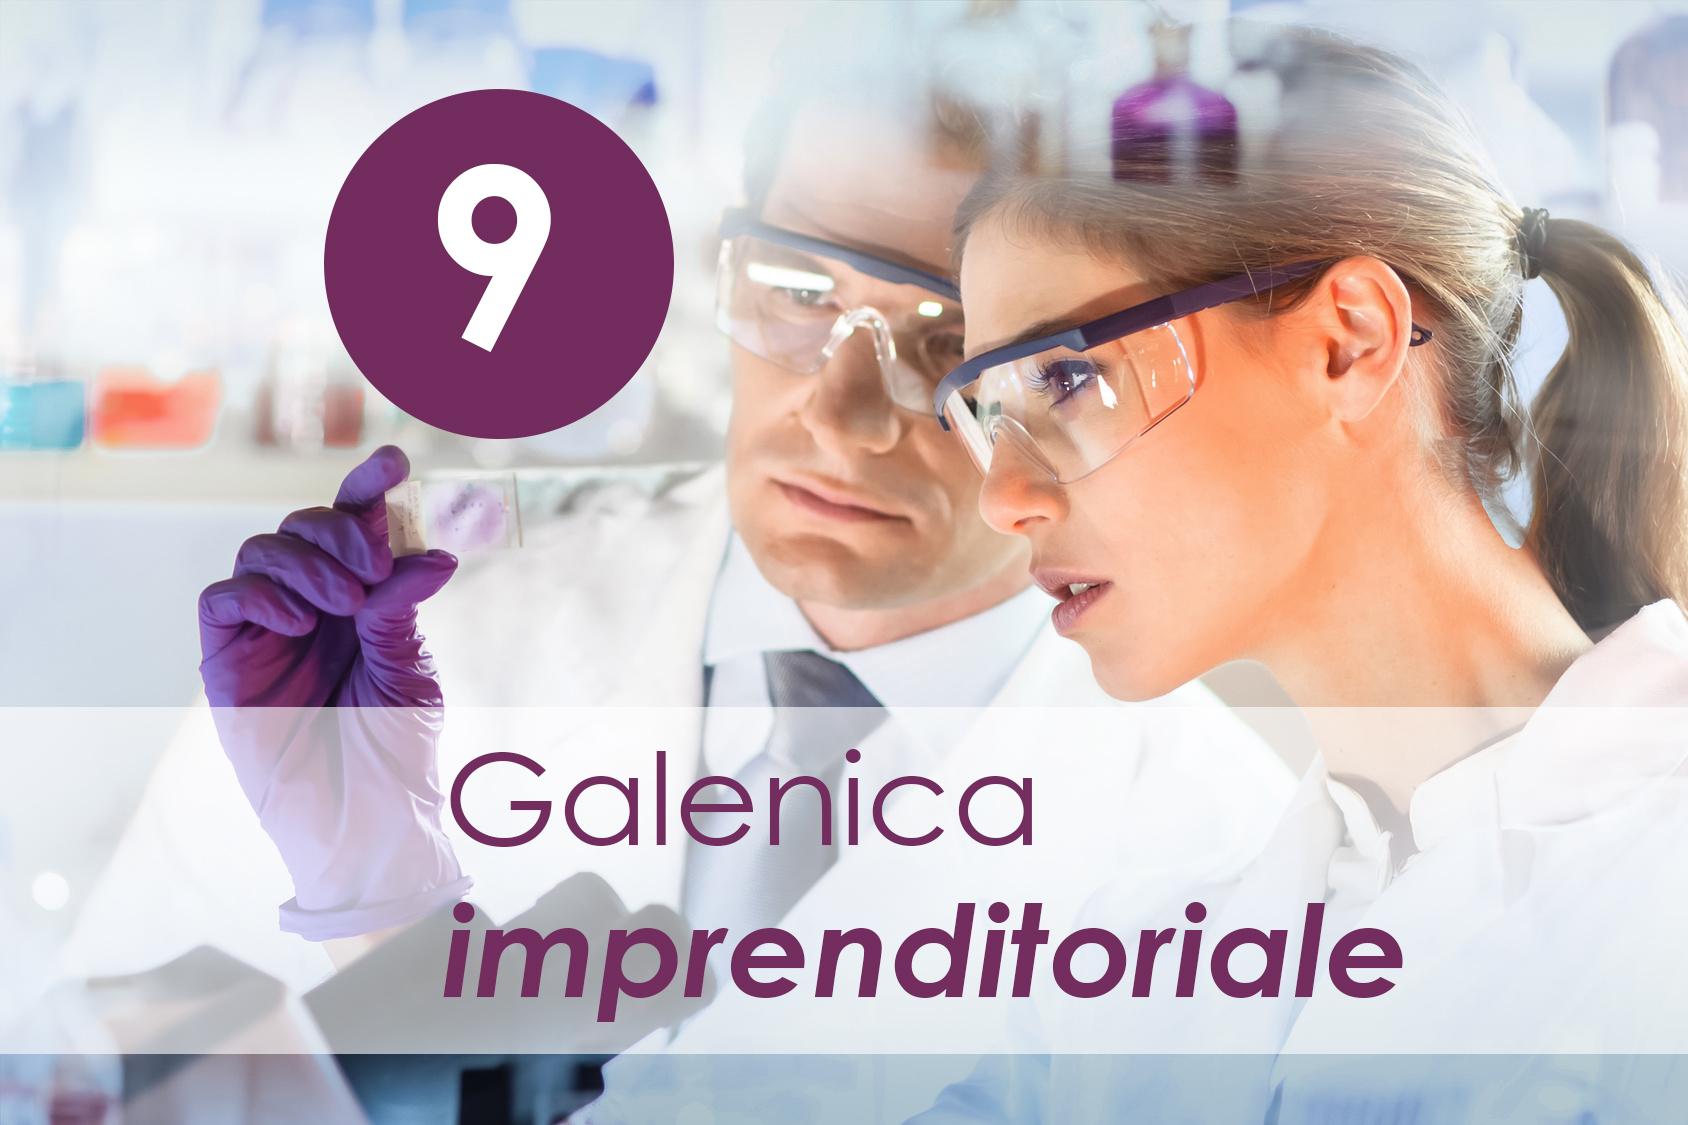 fornitori del laboratorio - galenica imprenditoriale